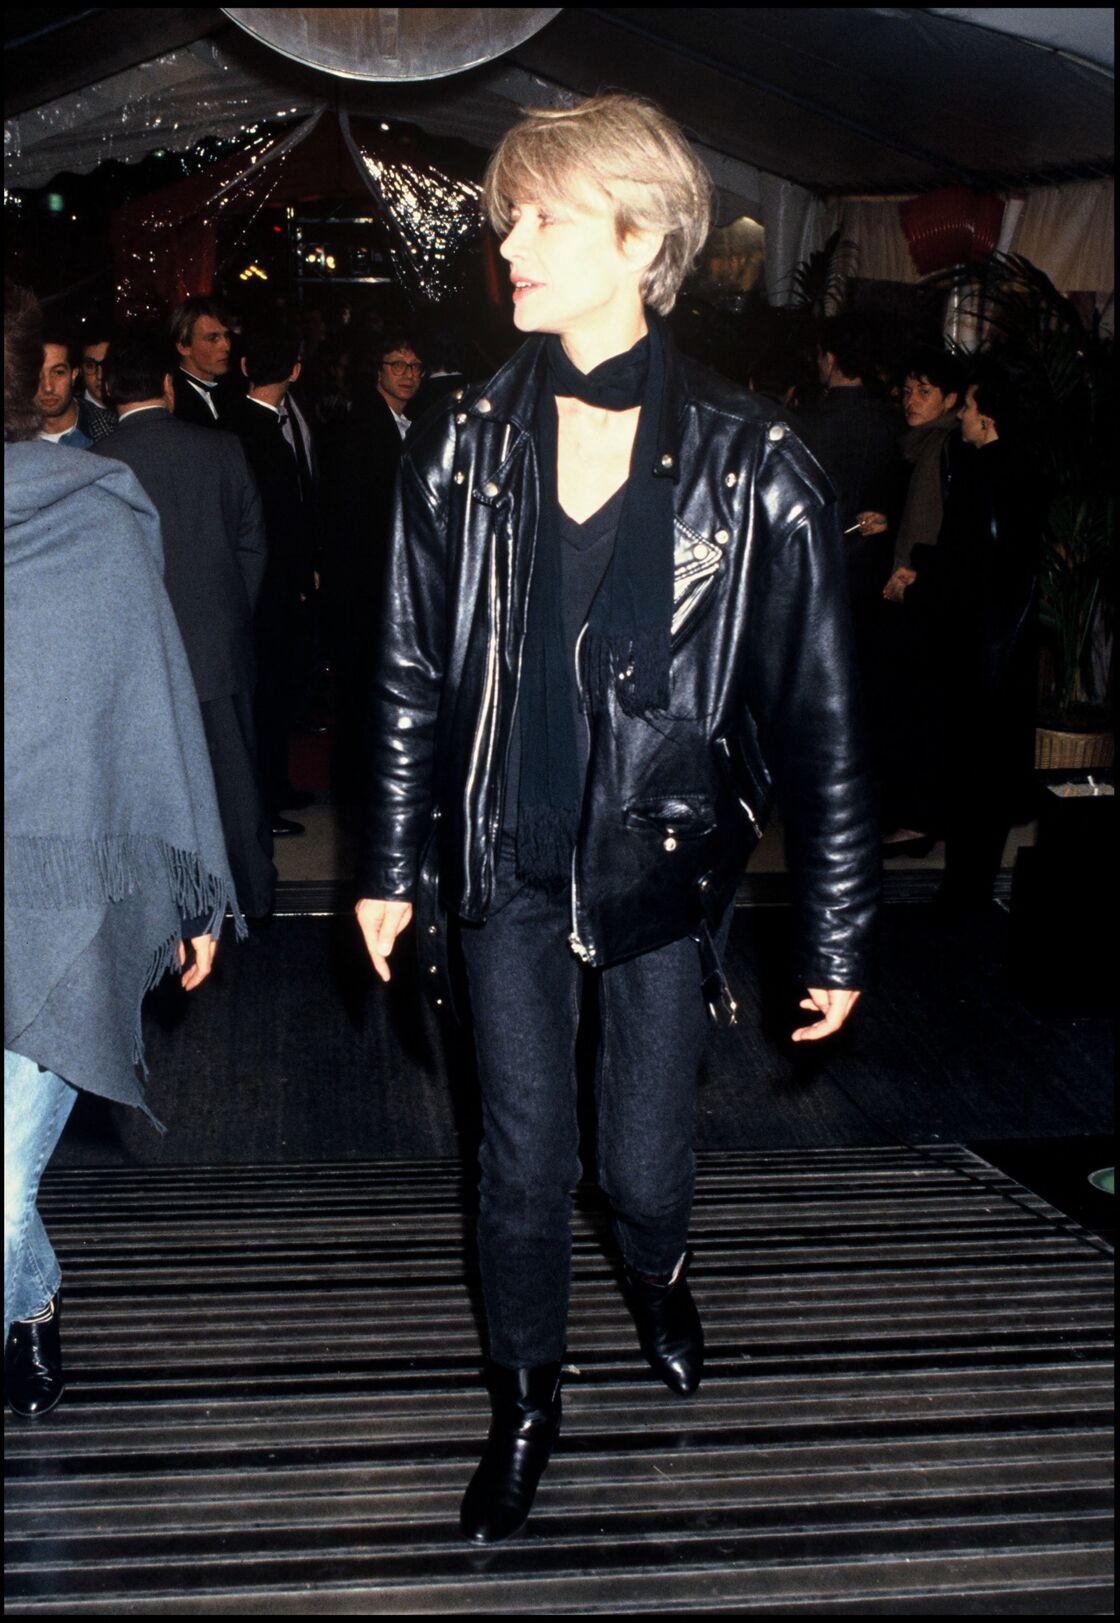 Le perfecto noir de Françoise Hardy dans les années 80's